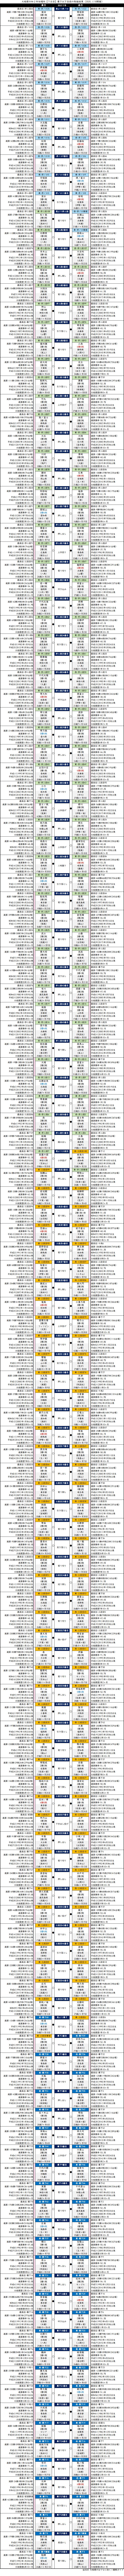 大相撲・2020年1月場所7日目・幕下以下の取組結果